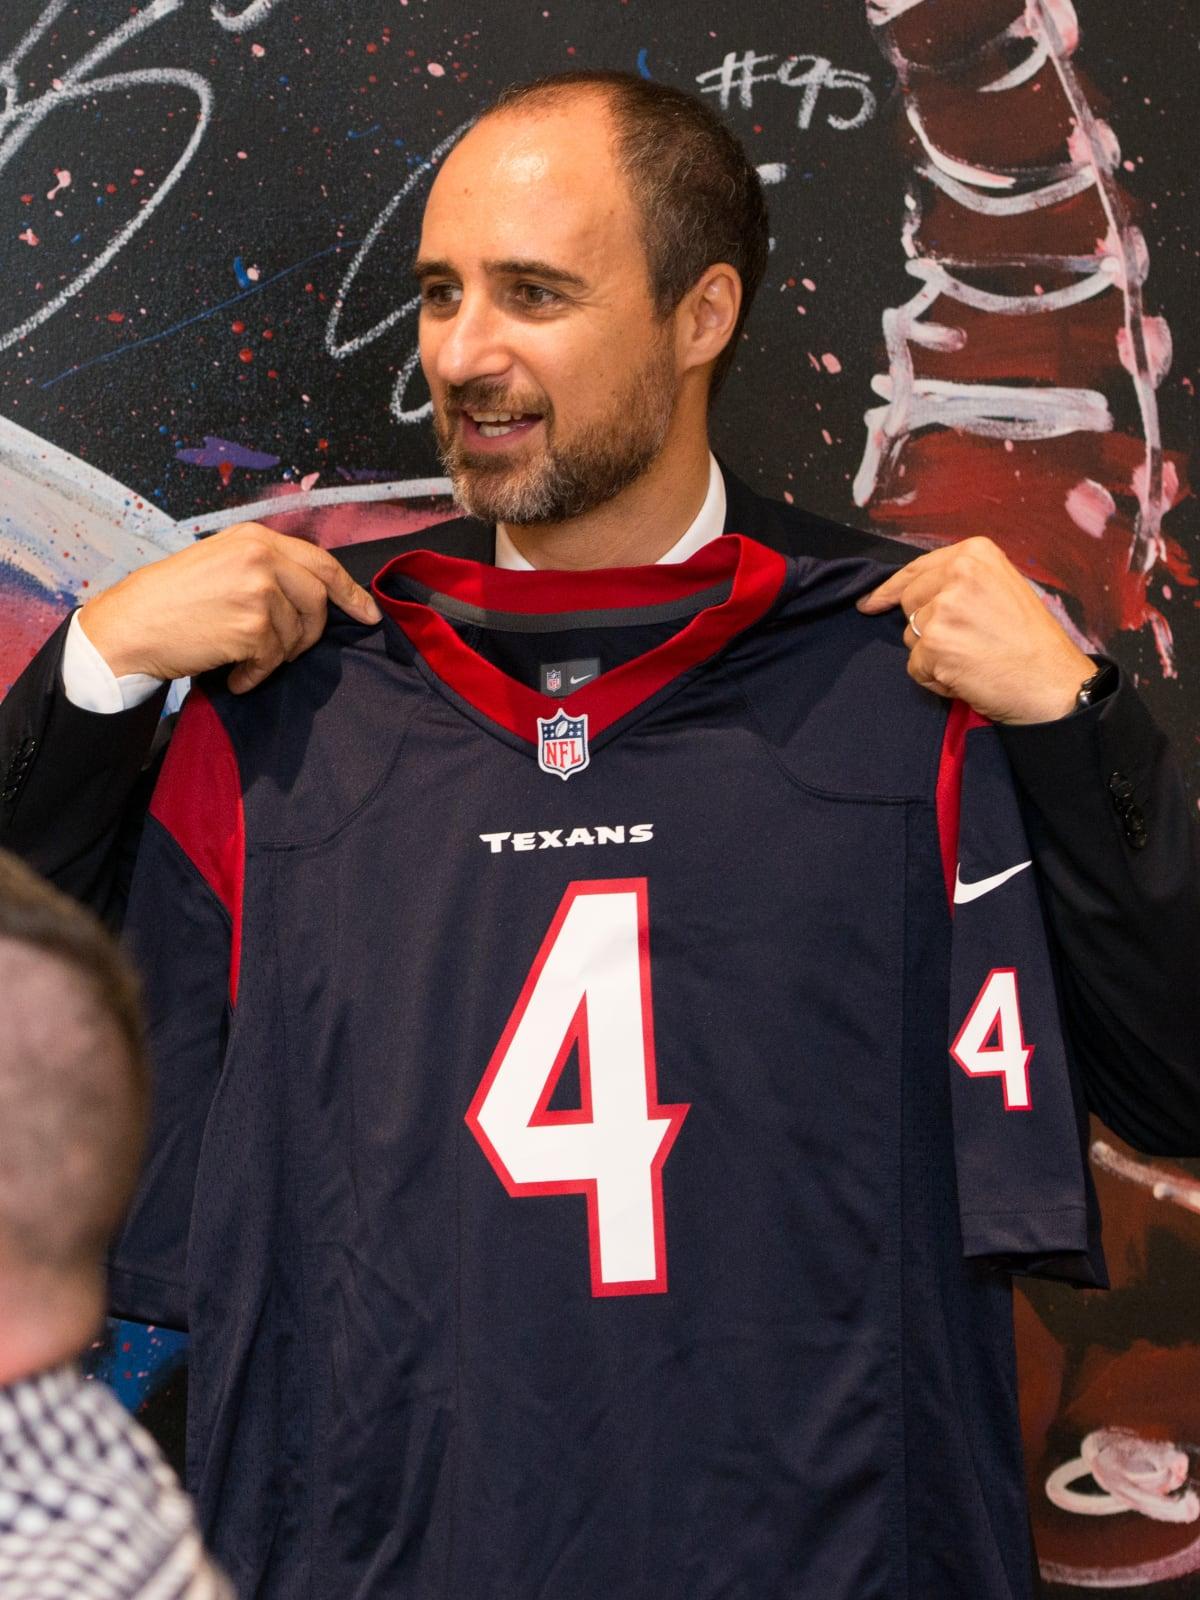 Jeweler Mattia Cielo and Texans jersey at IW Marks